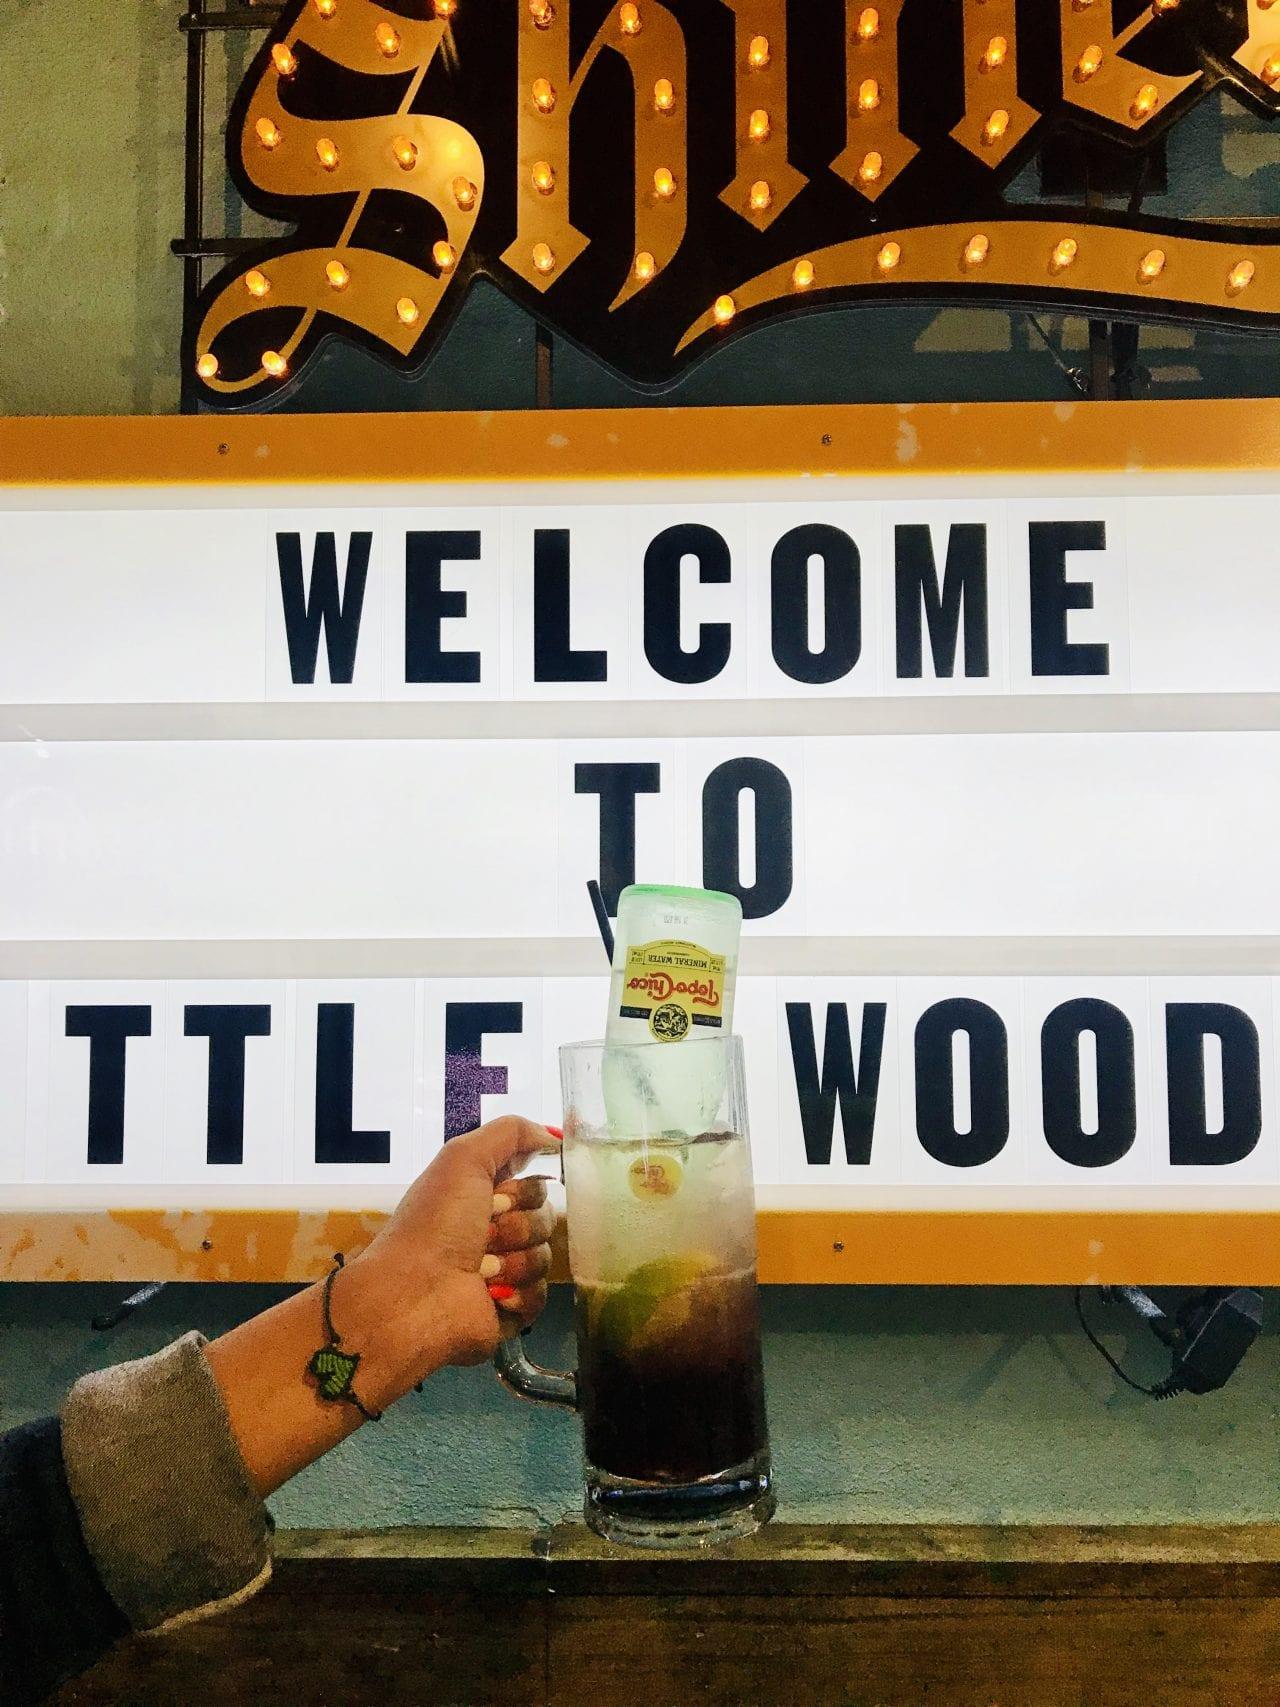 Little Woodrow's drink via Lauren Monitz @TheDownLo